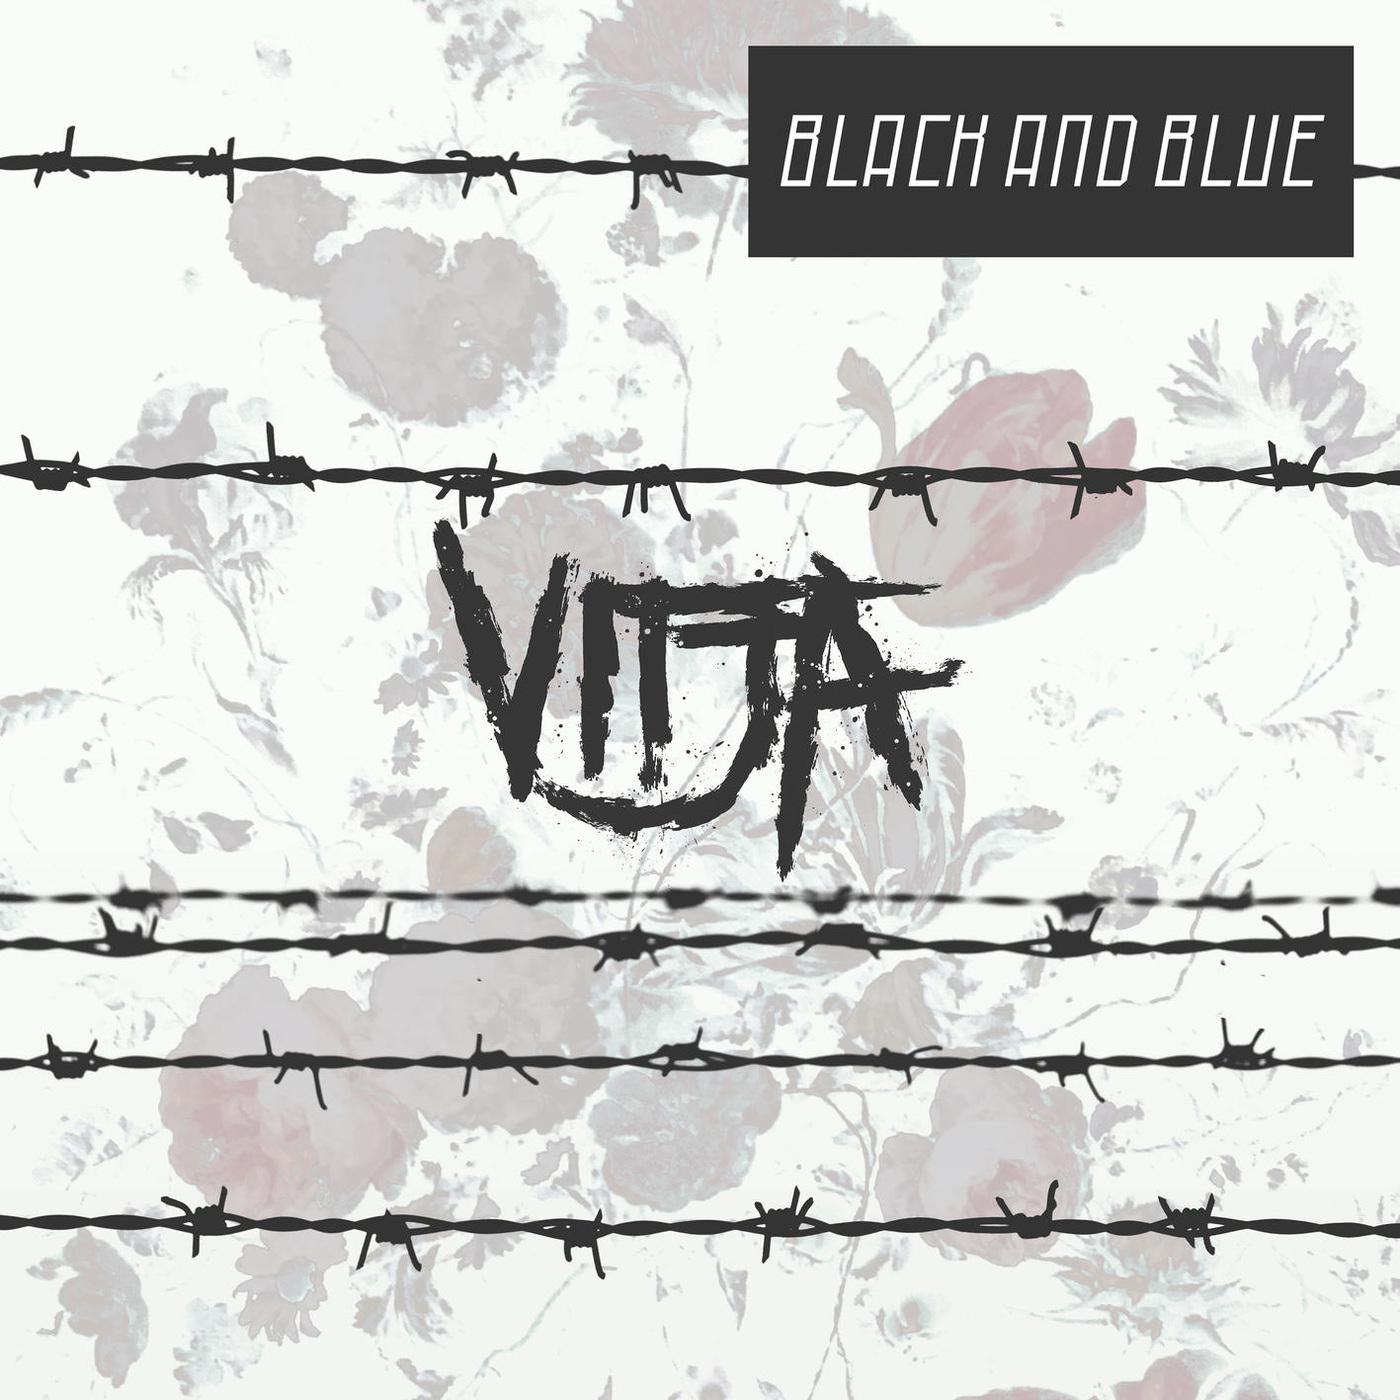 Vitja - Black and Blue [single] (2018)